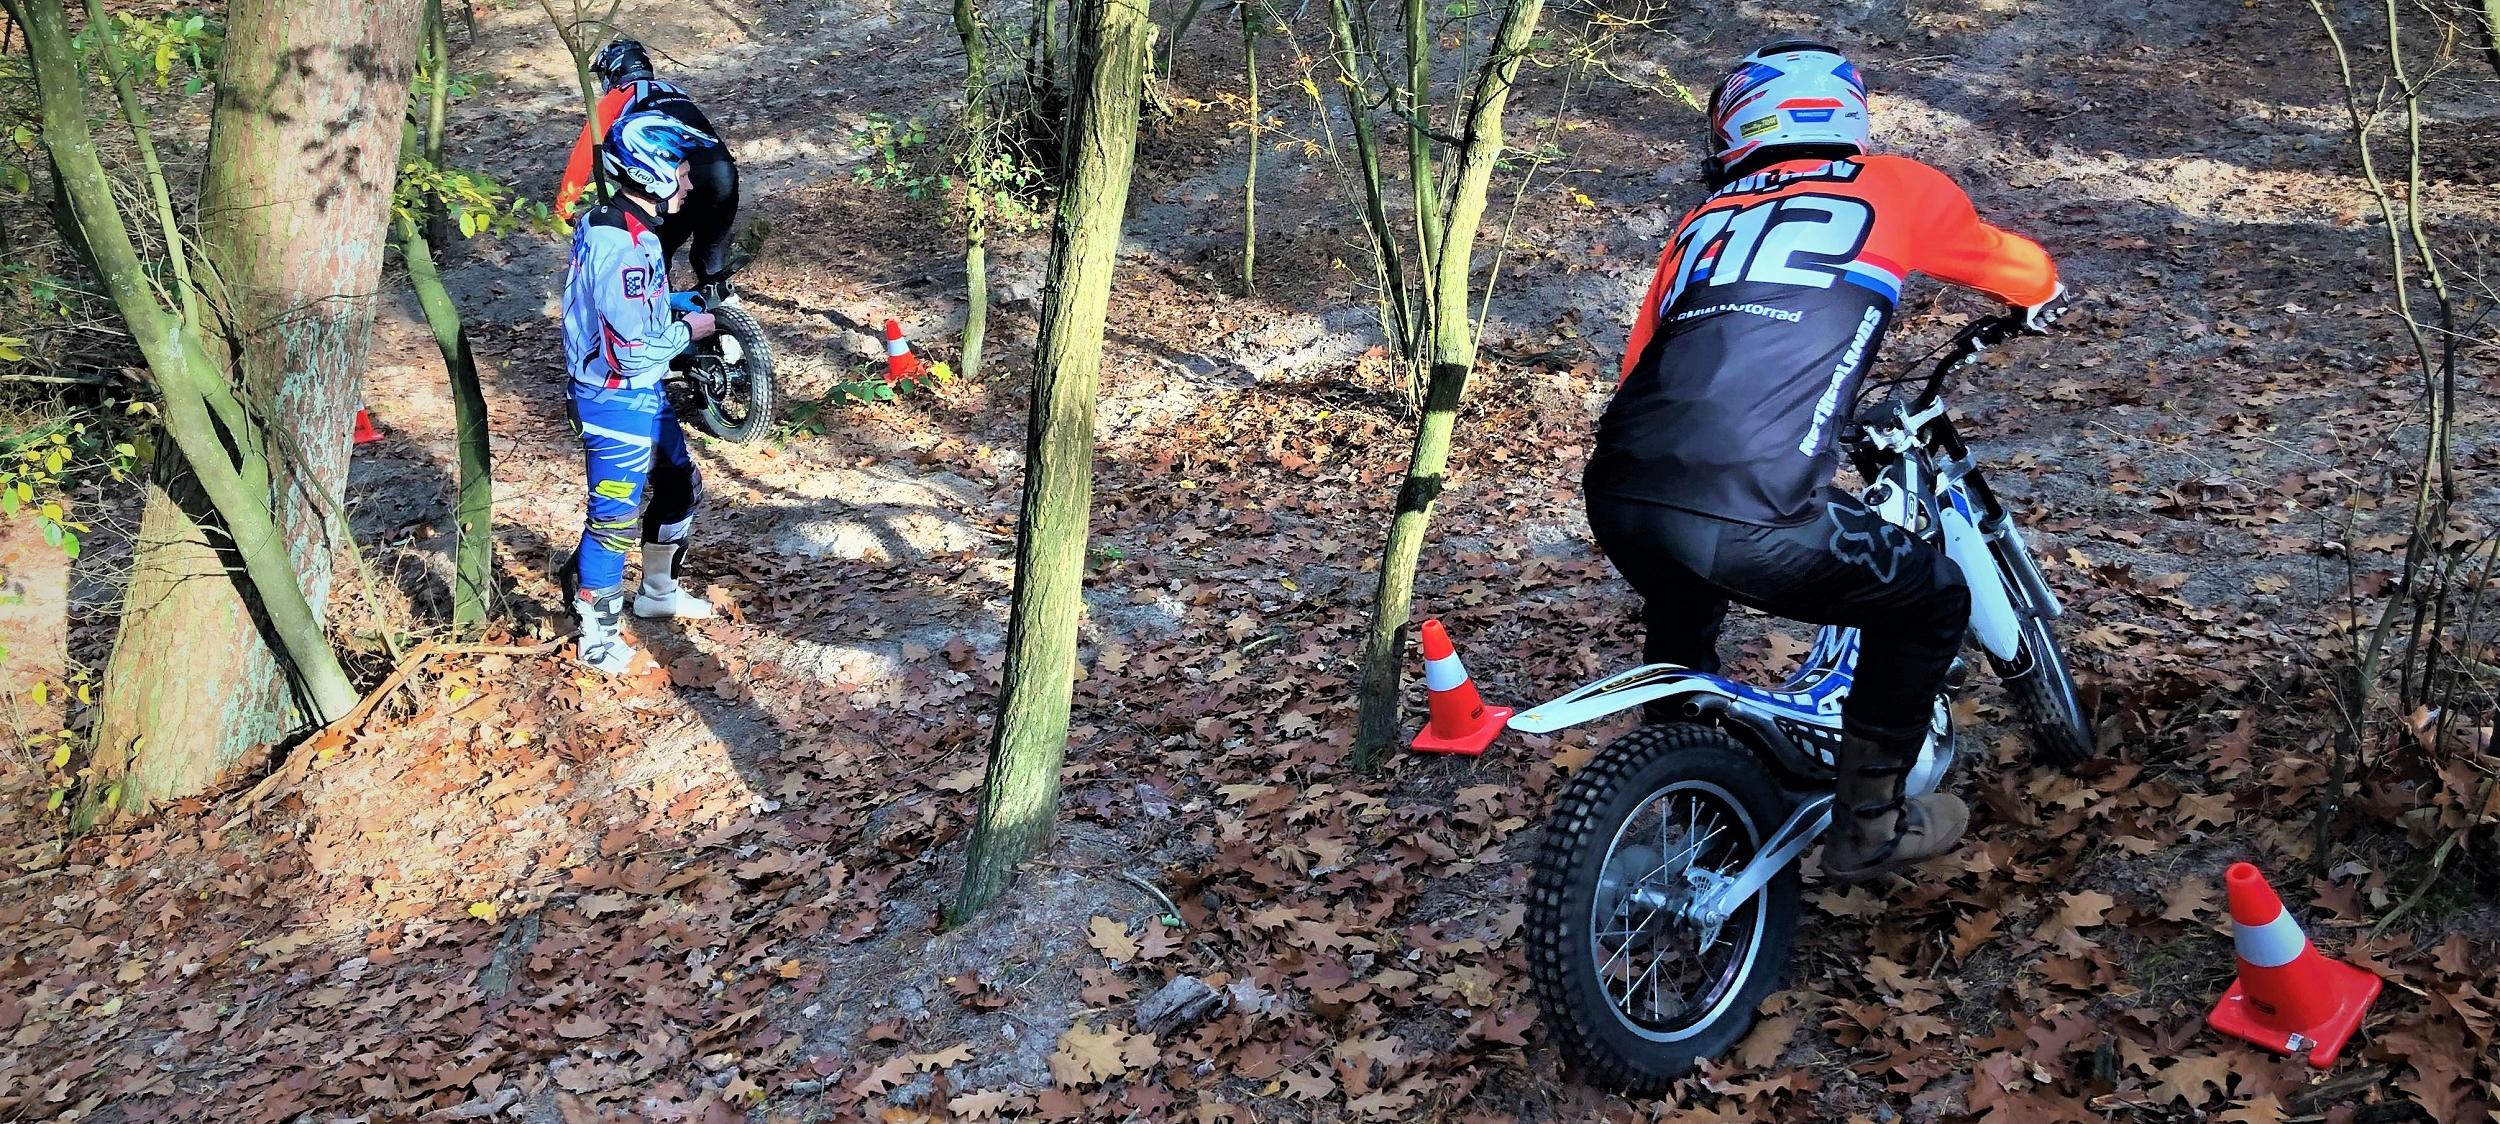 Uitdagend en leerzaam trialrijden als training voor op de allroad motor - BERRT